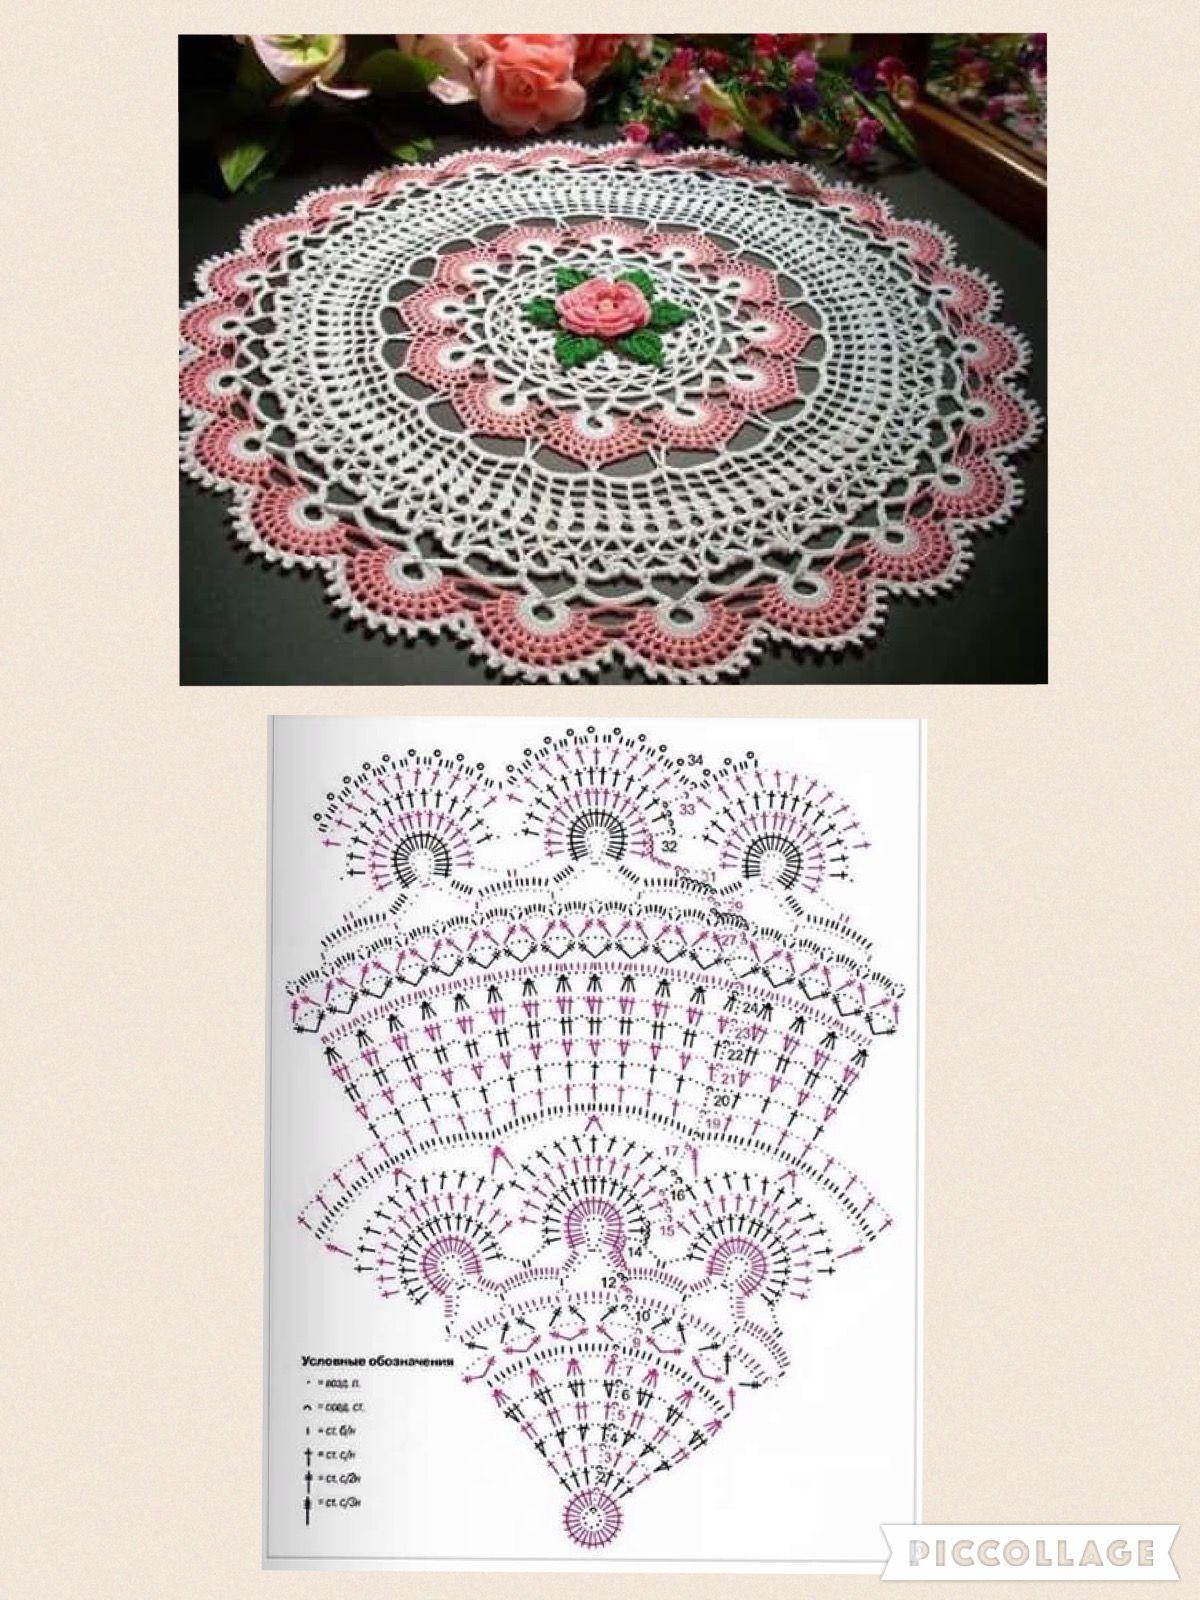 Pin de Yury Cortes en Yury patrones | Pinterest | Carpeta, Tapetes y ...